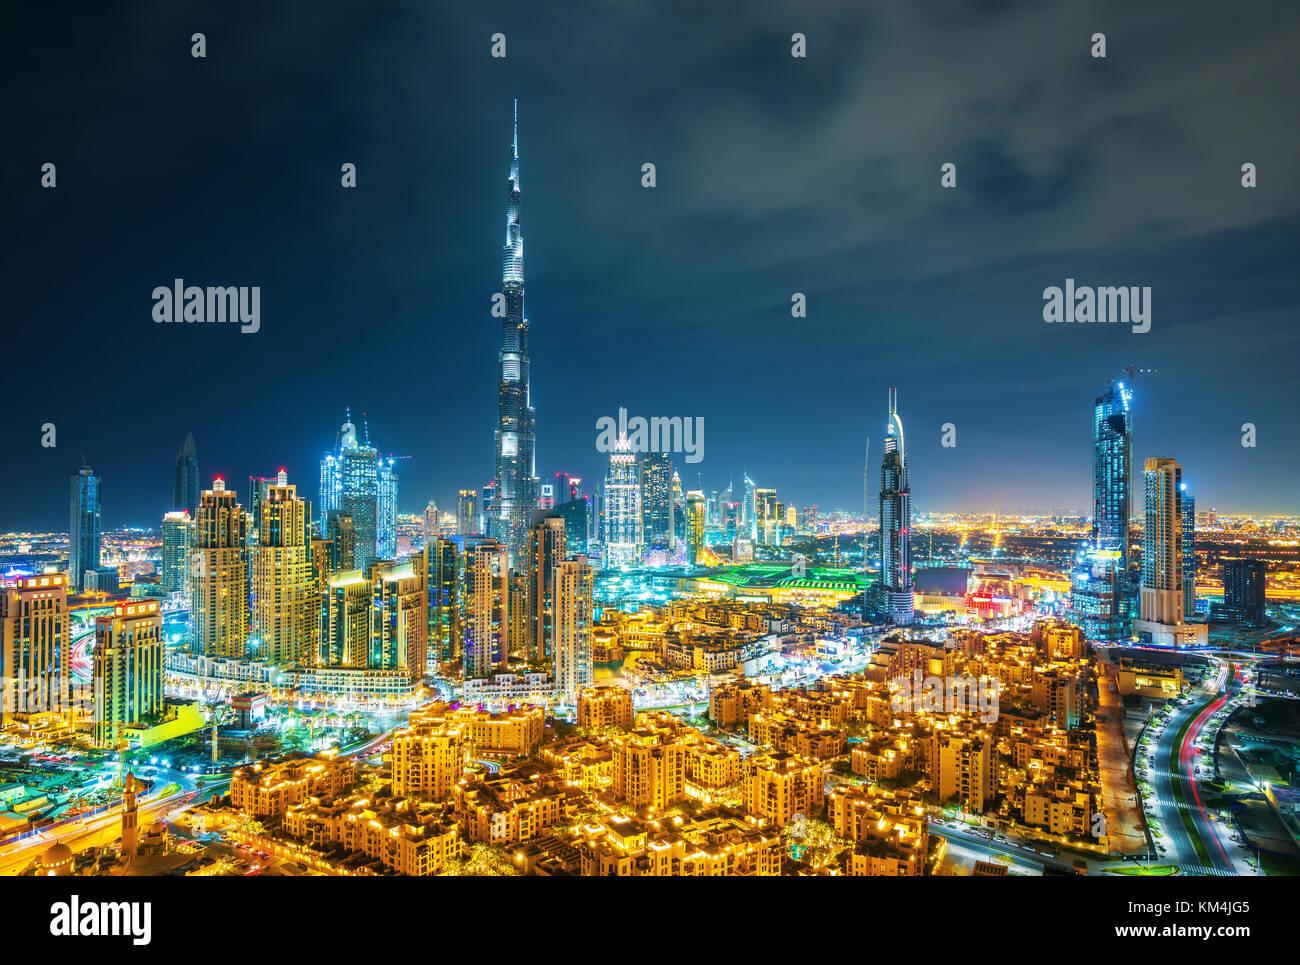 Amazing Dubai skyline with luxury city center, Dubai, United Arab Emirates - Stock Image